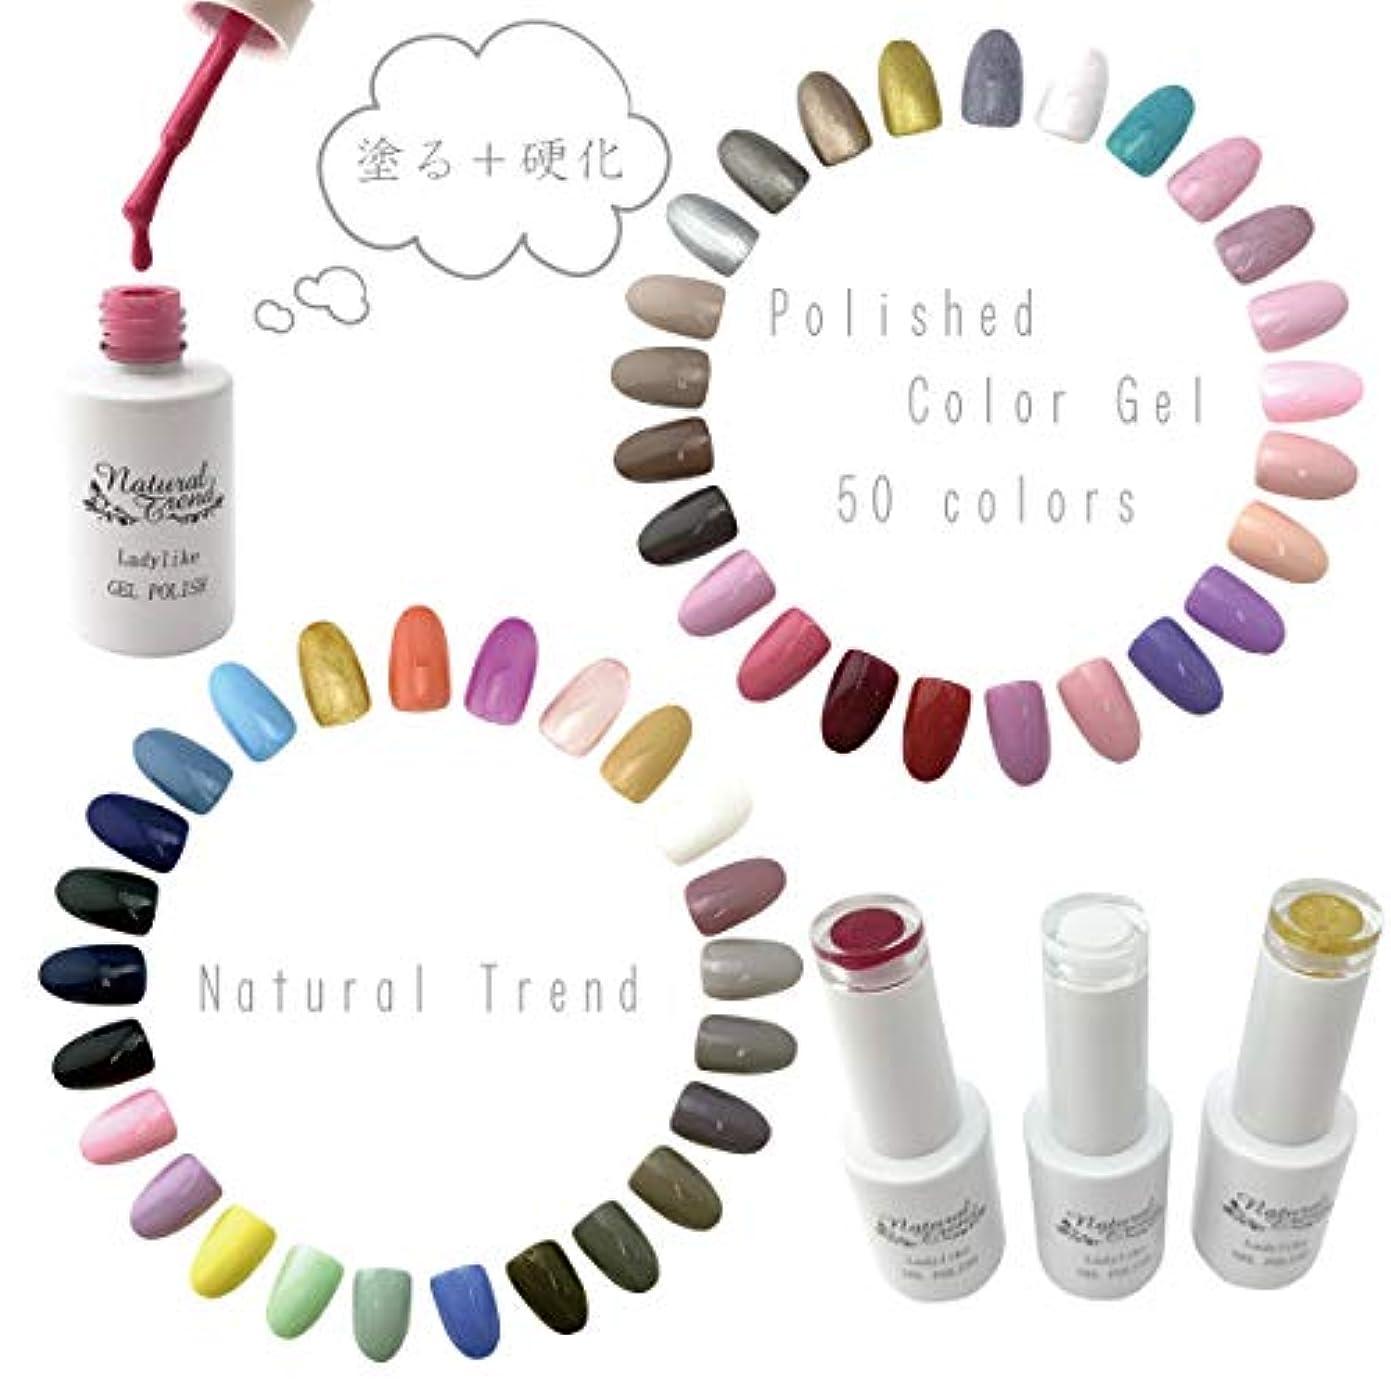 許容バレエ連隊NaturalTrend ジェルネイル カラー 50色 8ml UV?LED ポリッシュタイプ カラージェル (06, office)